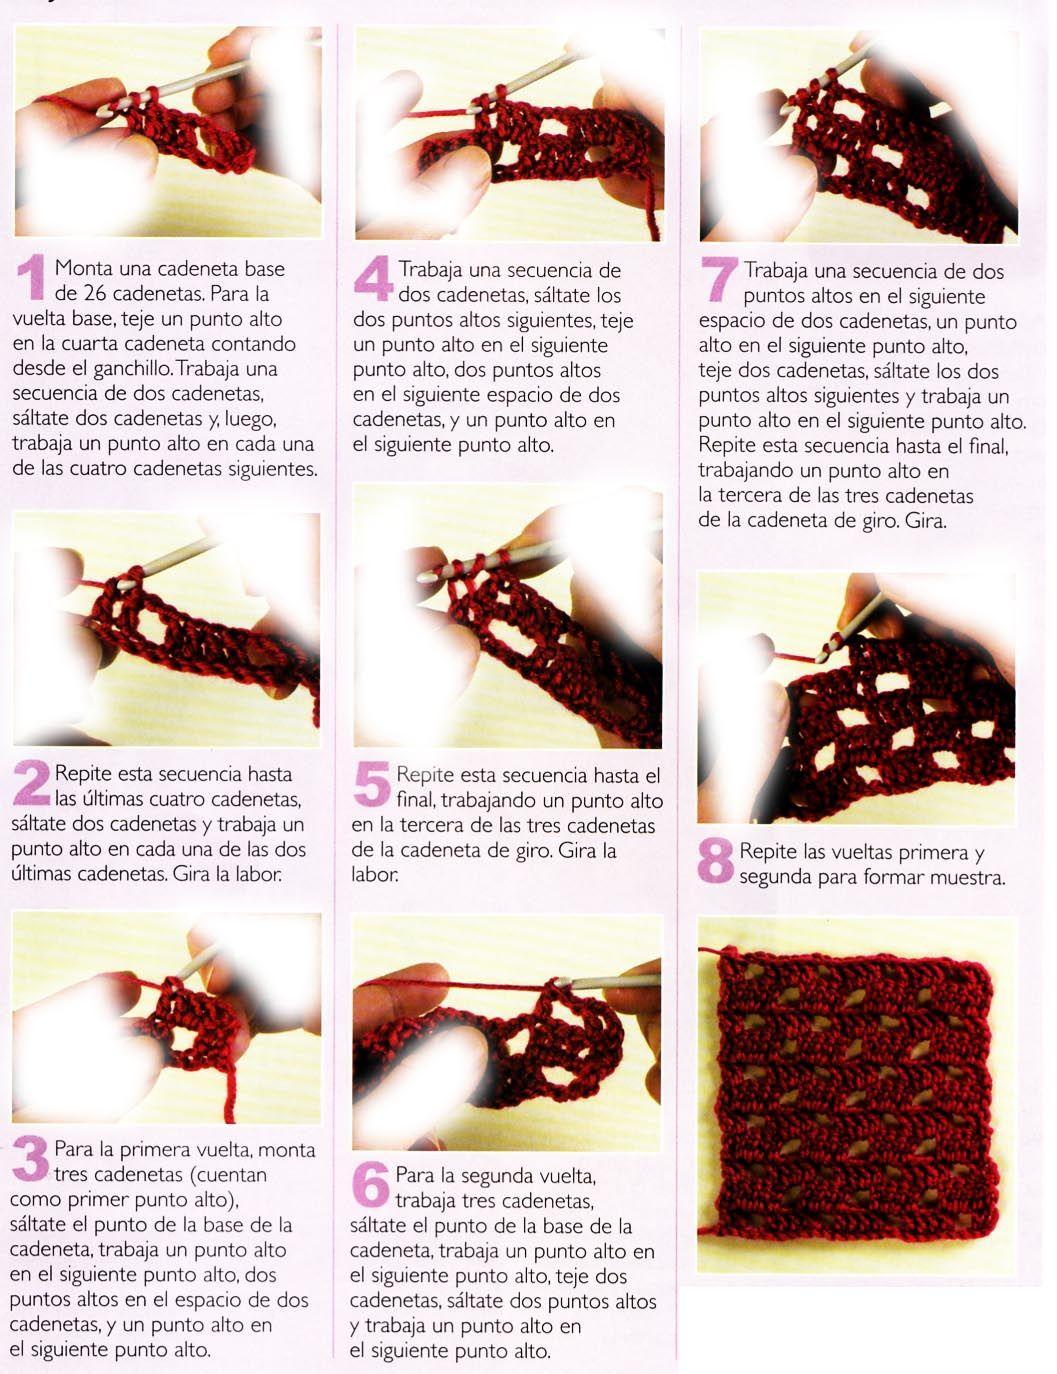 Cuadro crochet najma amigurumisnajma.wordpress.com | Habitación de ...